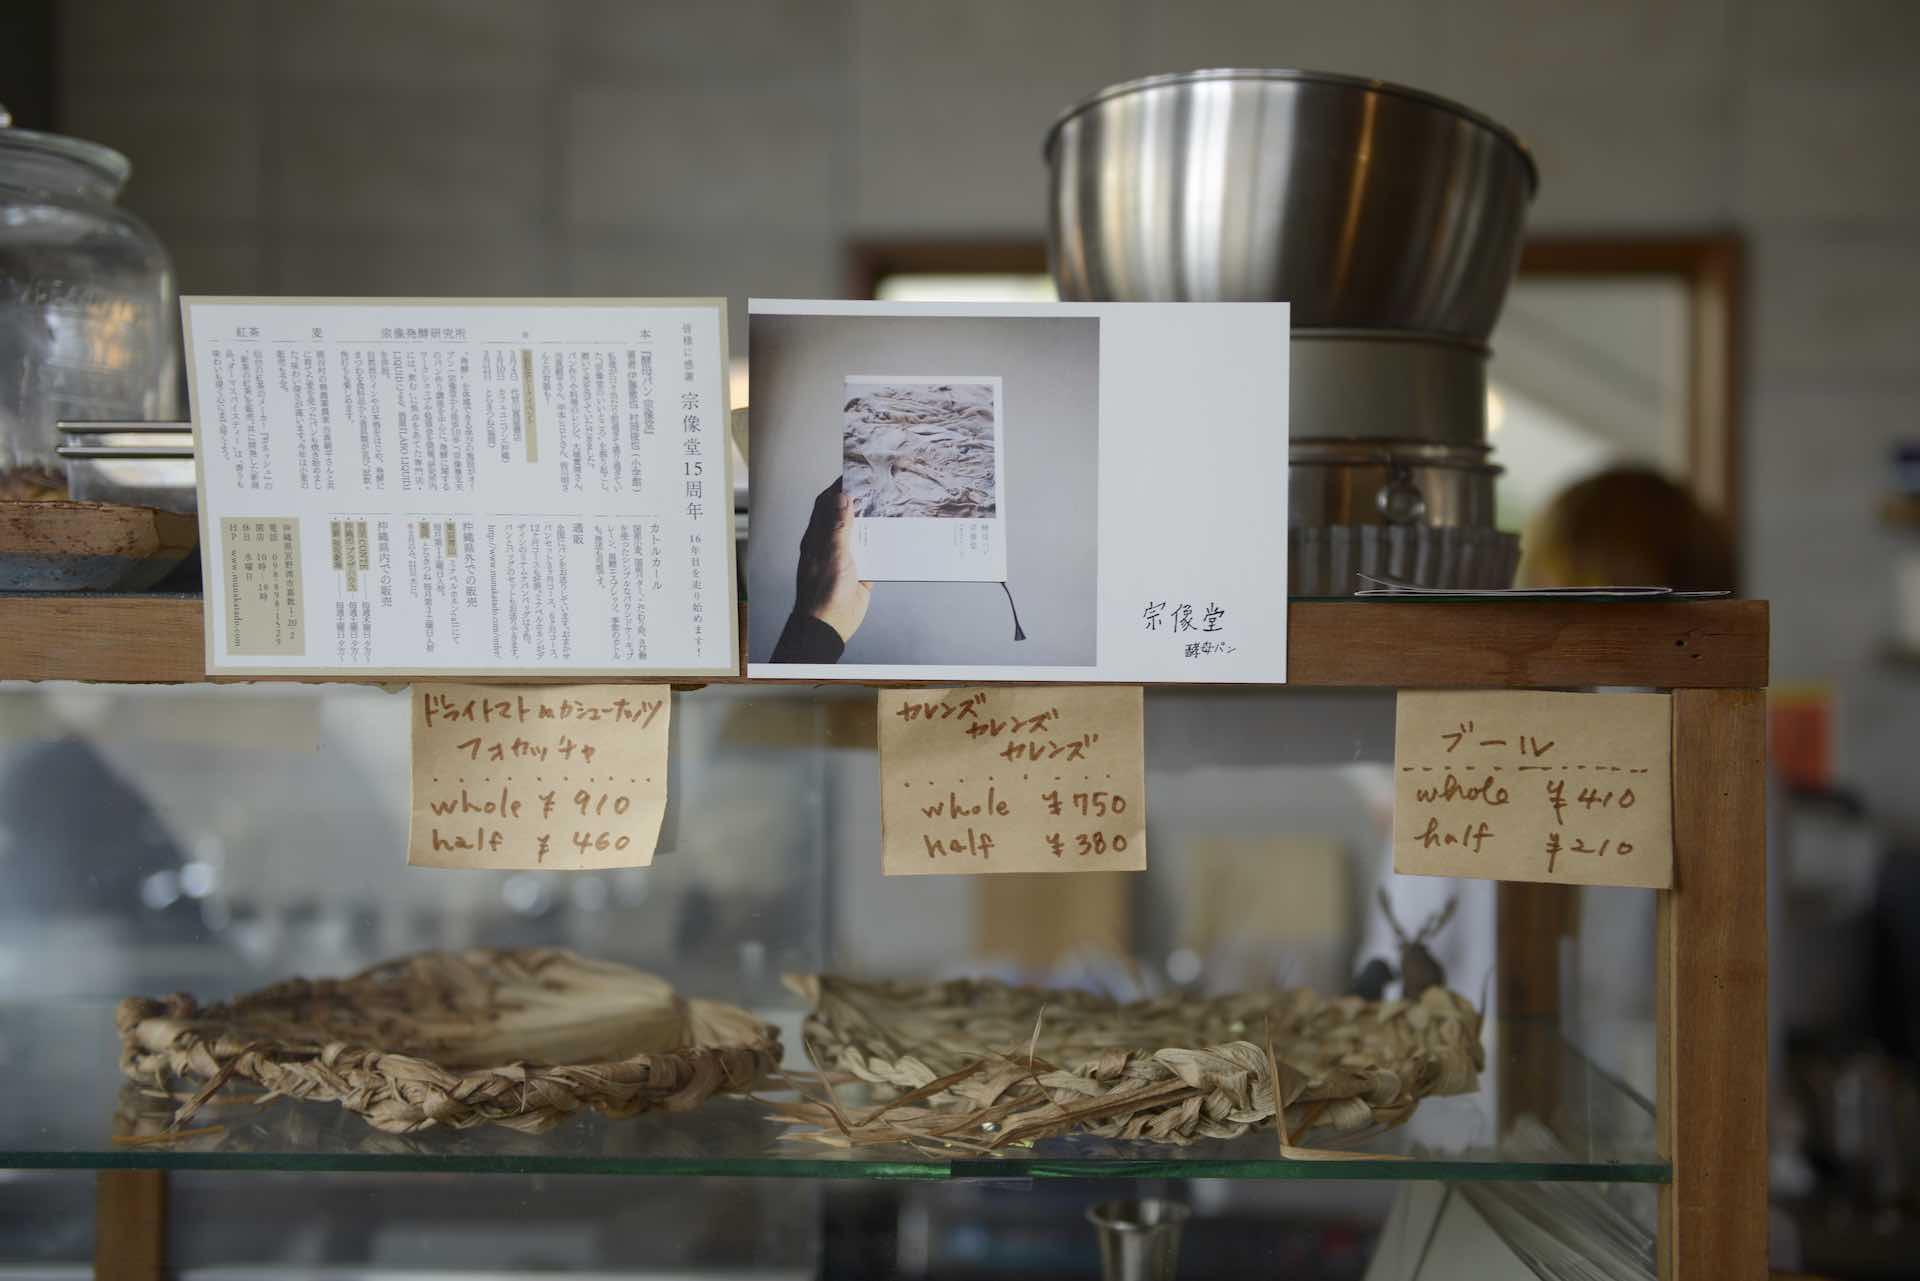 お隣の食物販コーナーには、宜野湾のパン屋さん「宗像堂」の天然酵母パンのコーナーが。週に一度、毎週木曜日の午後に入荷するそうです